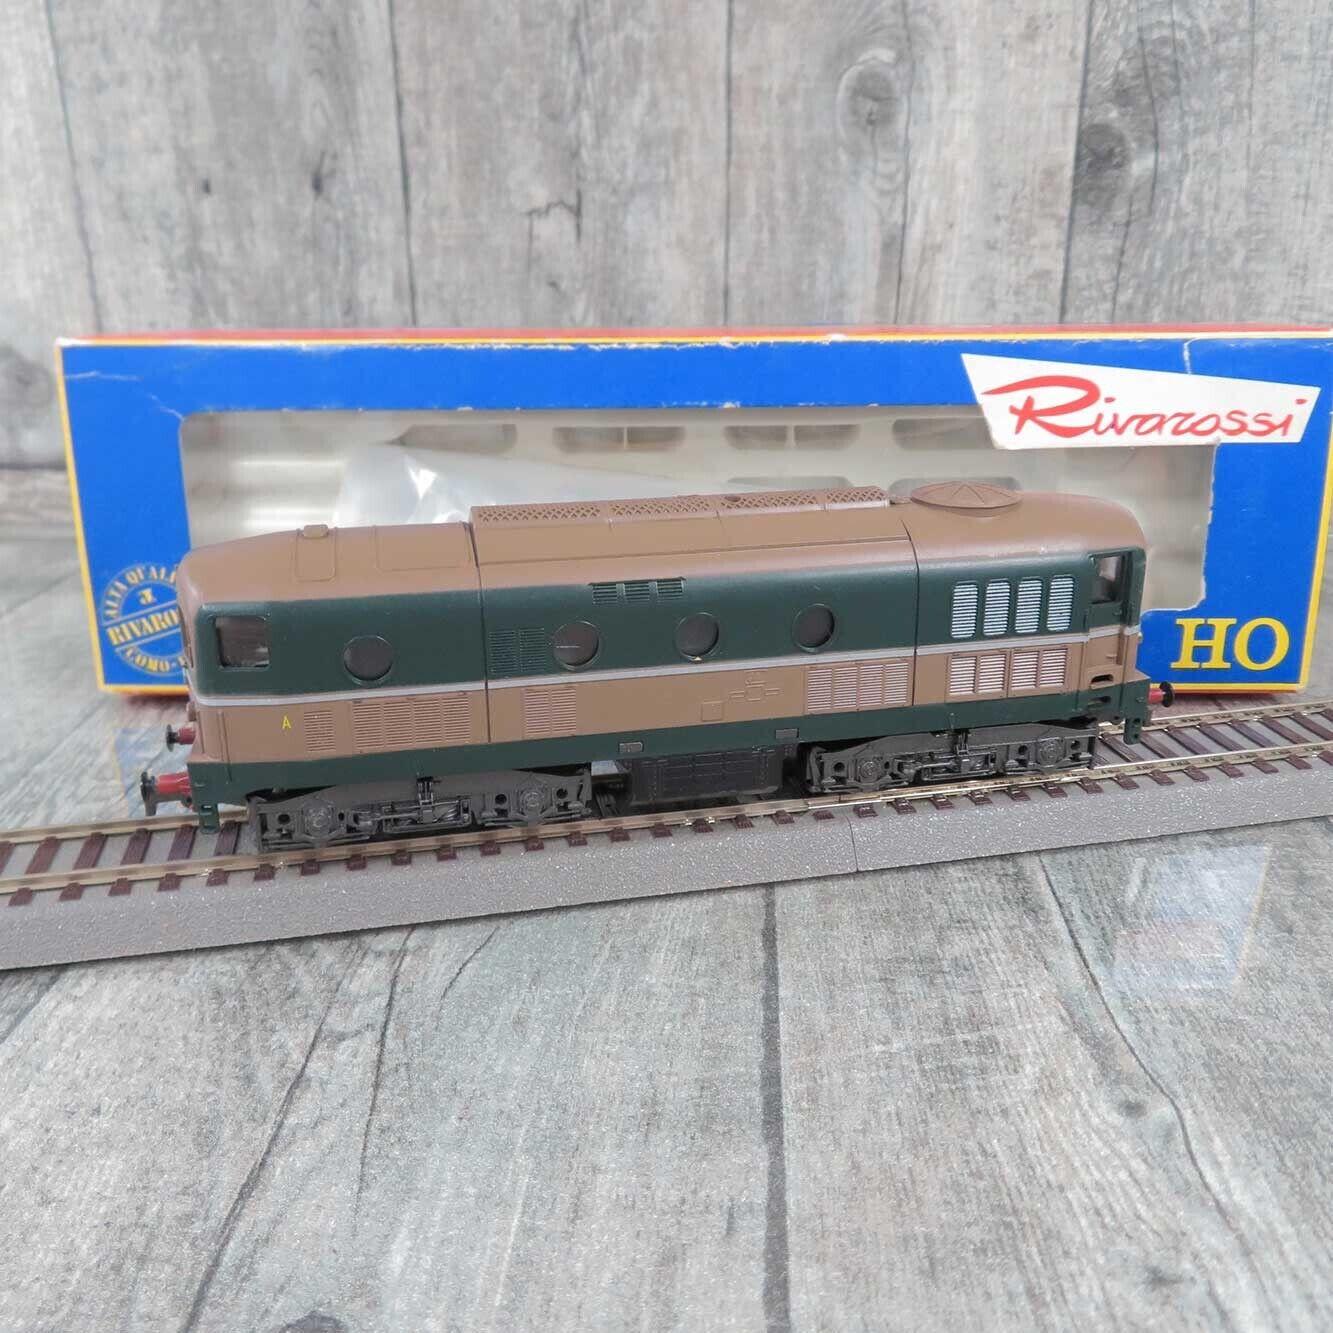 RIVAROSSI 1777 - HO - Diesellokomotive - FS -  D341 1017 - OVP -  A22947